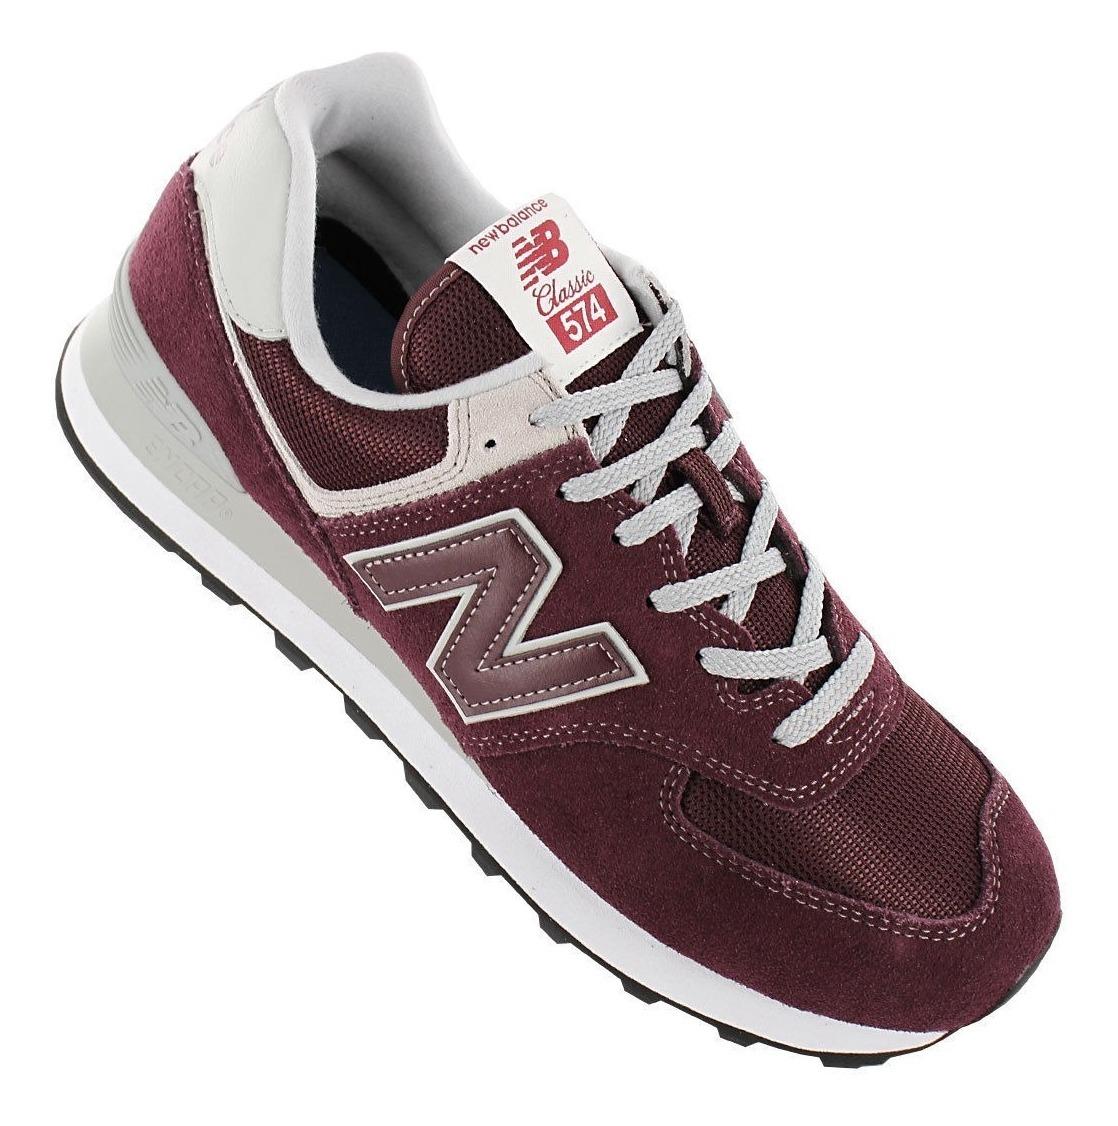 premium selection 17e71 0f841 Zapatillas New Balance Ml574egb Urbanas Envío A Todo El País